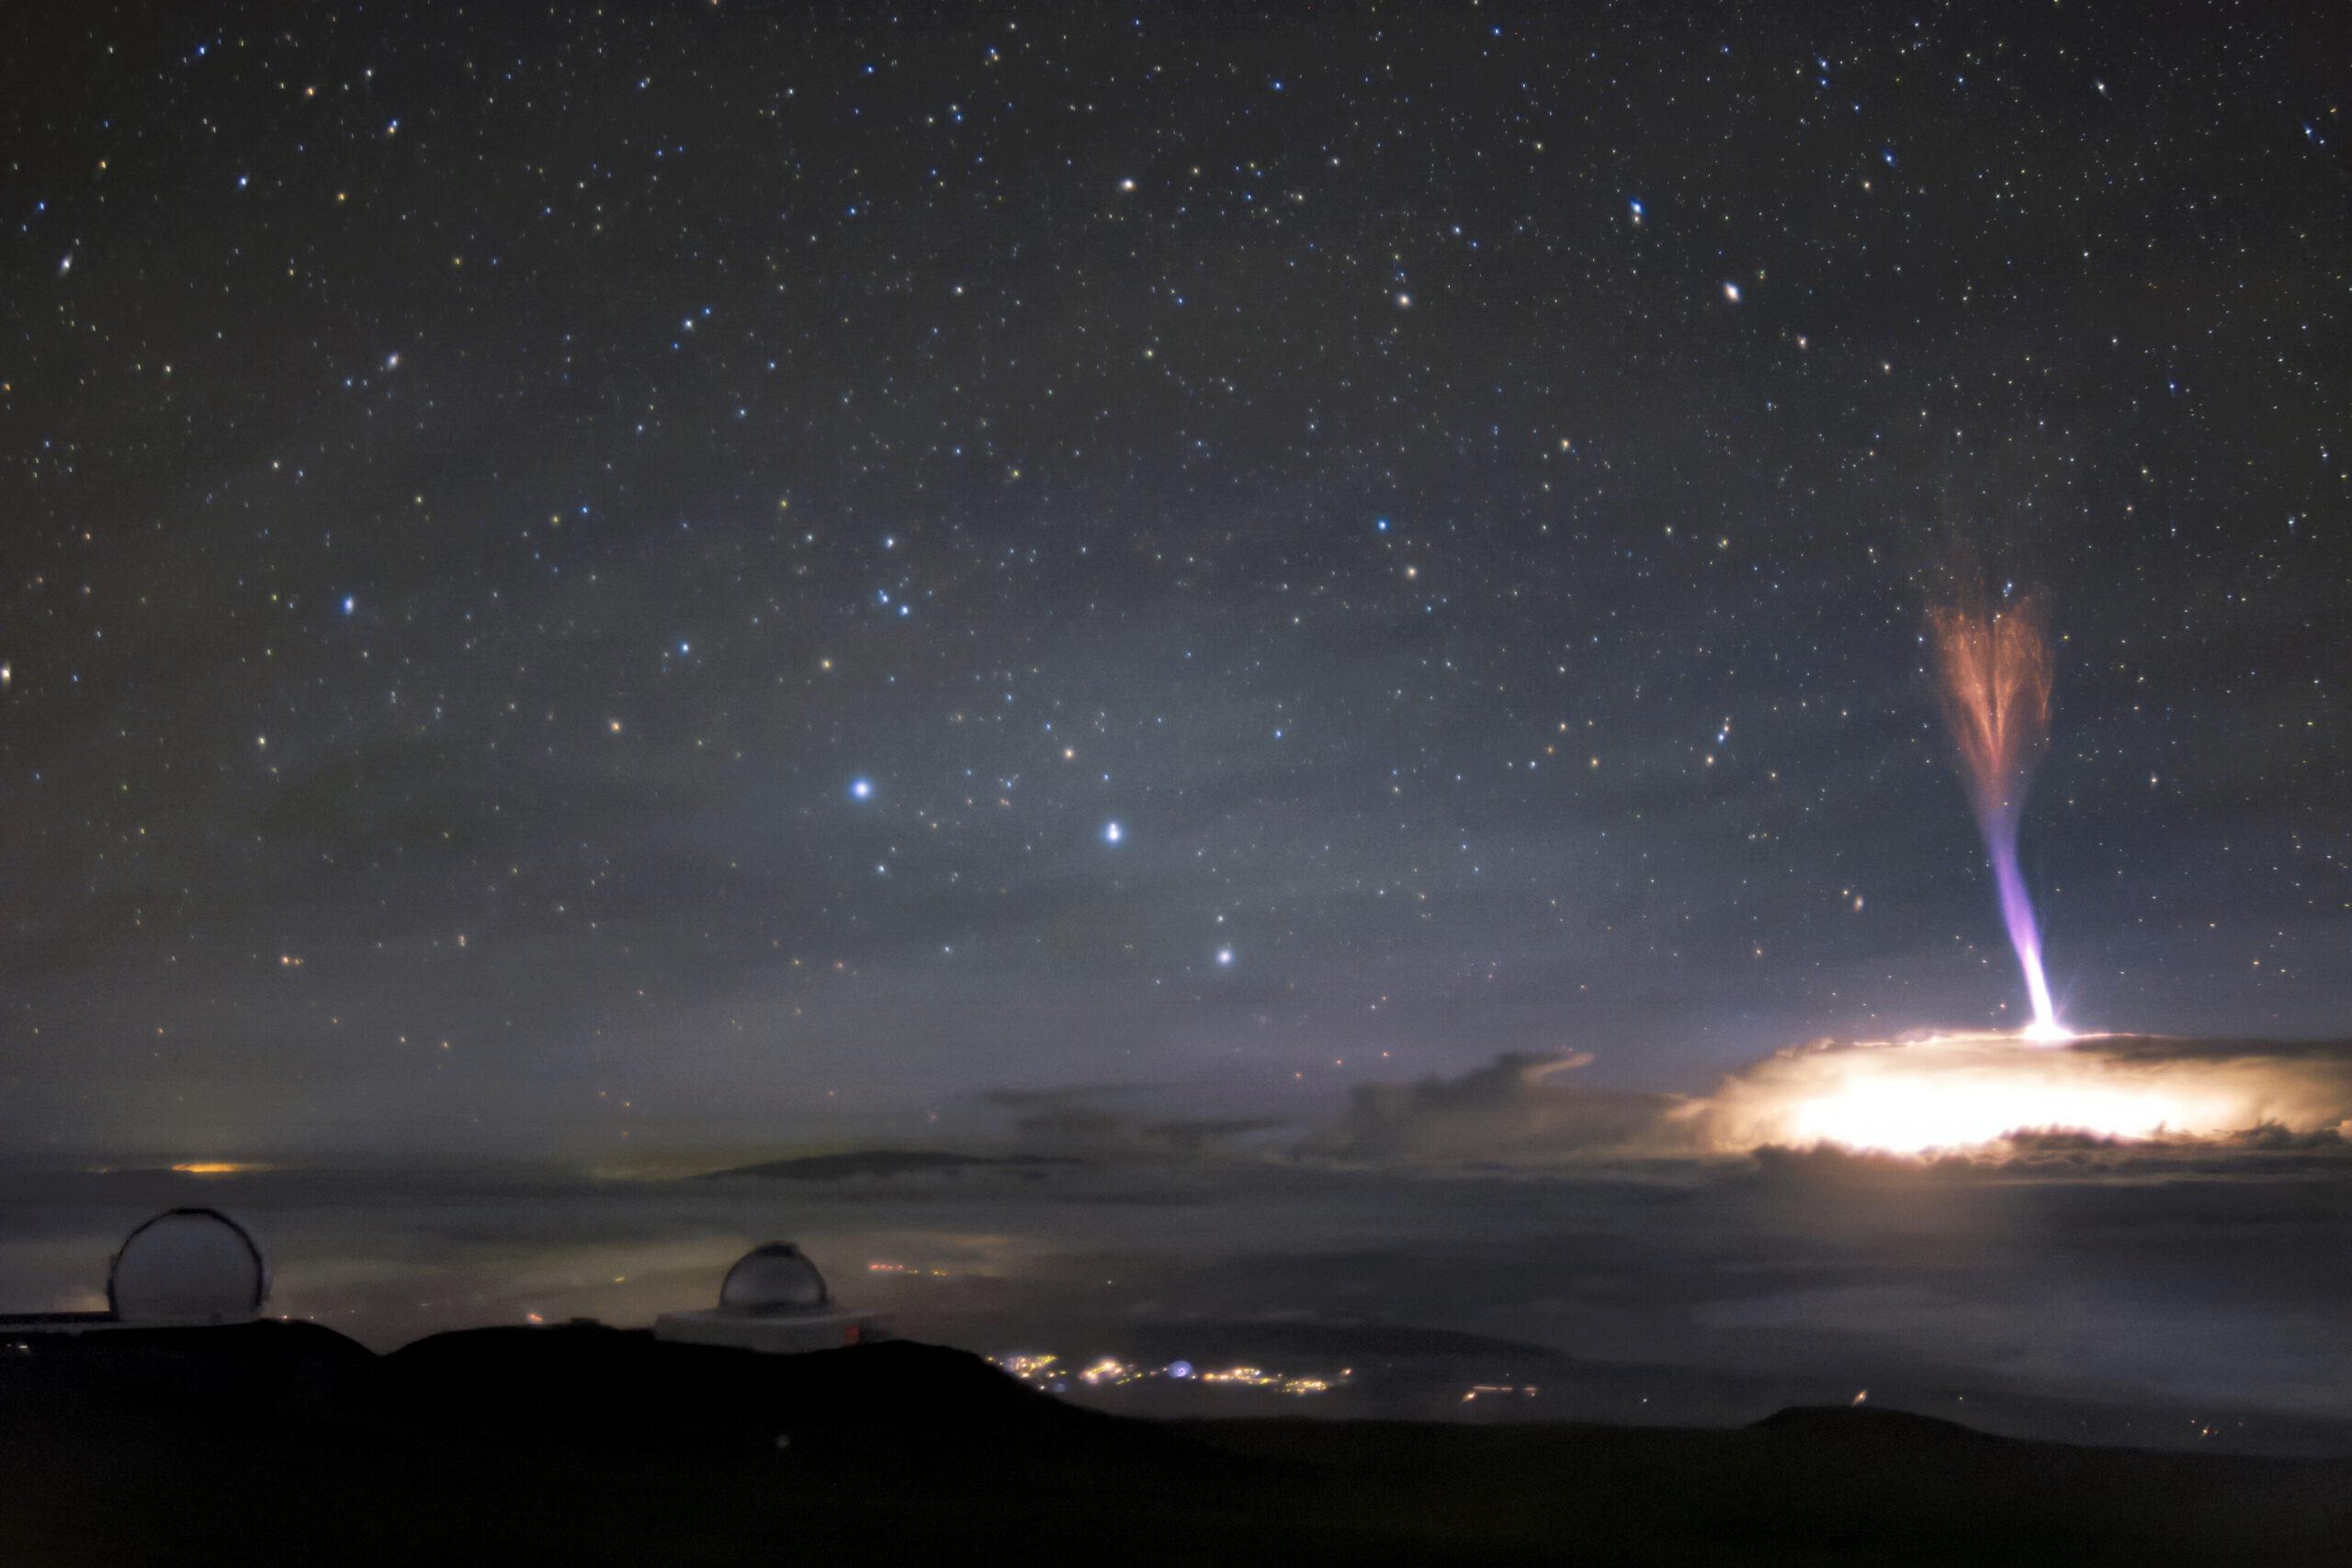 Спрайты и джеты: опубликовано фото уникальной молнии в небе над Гавайями.Вокруг Света. Украина